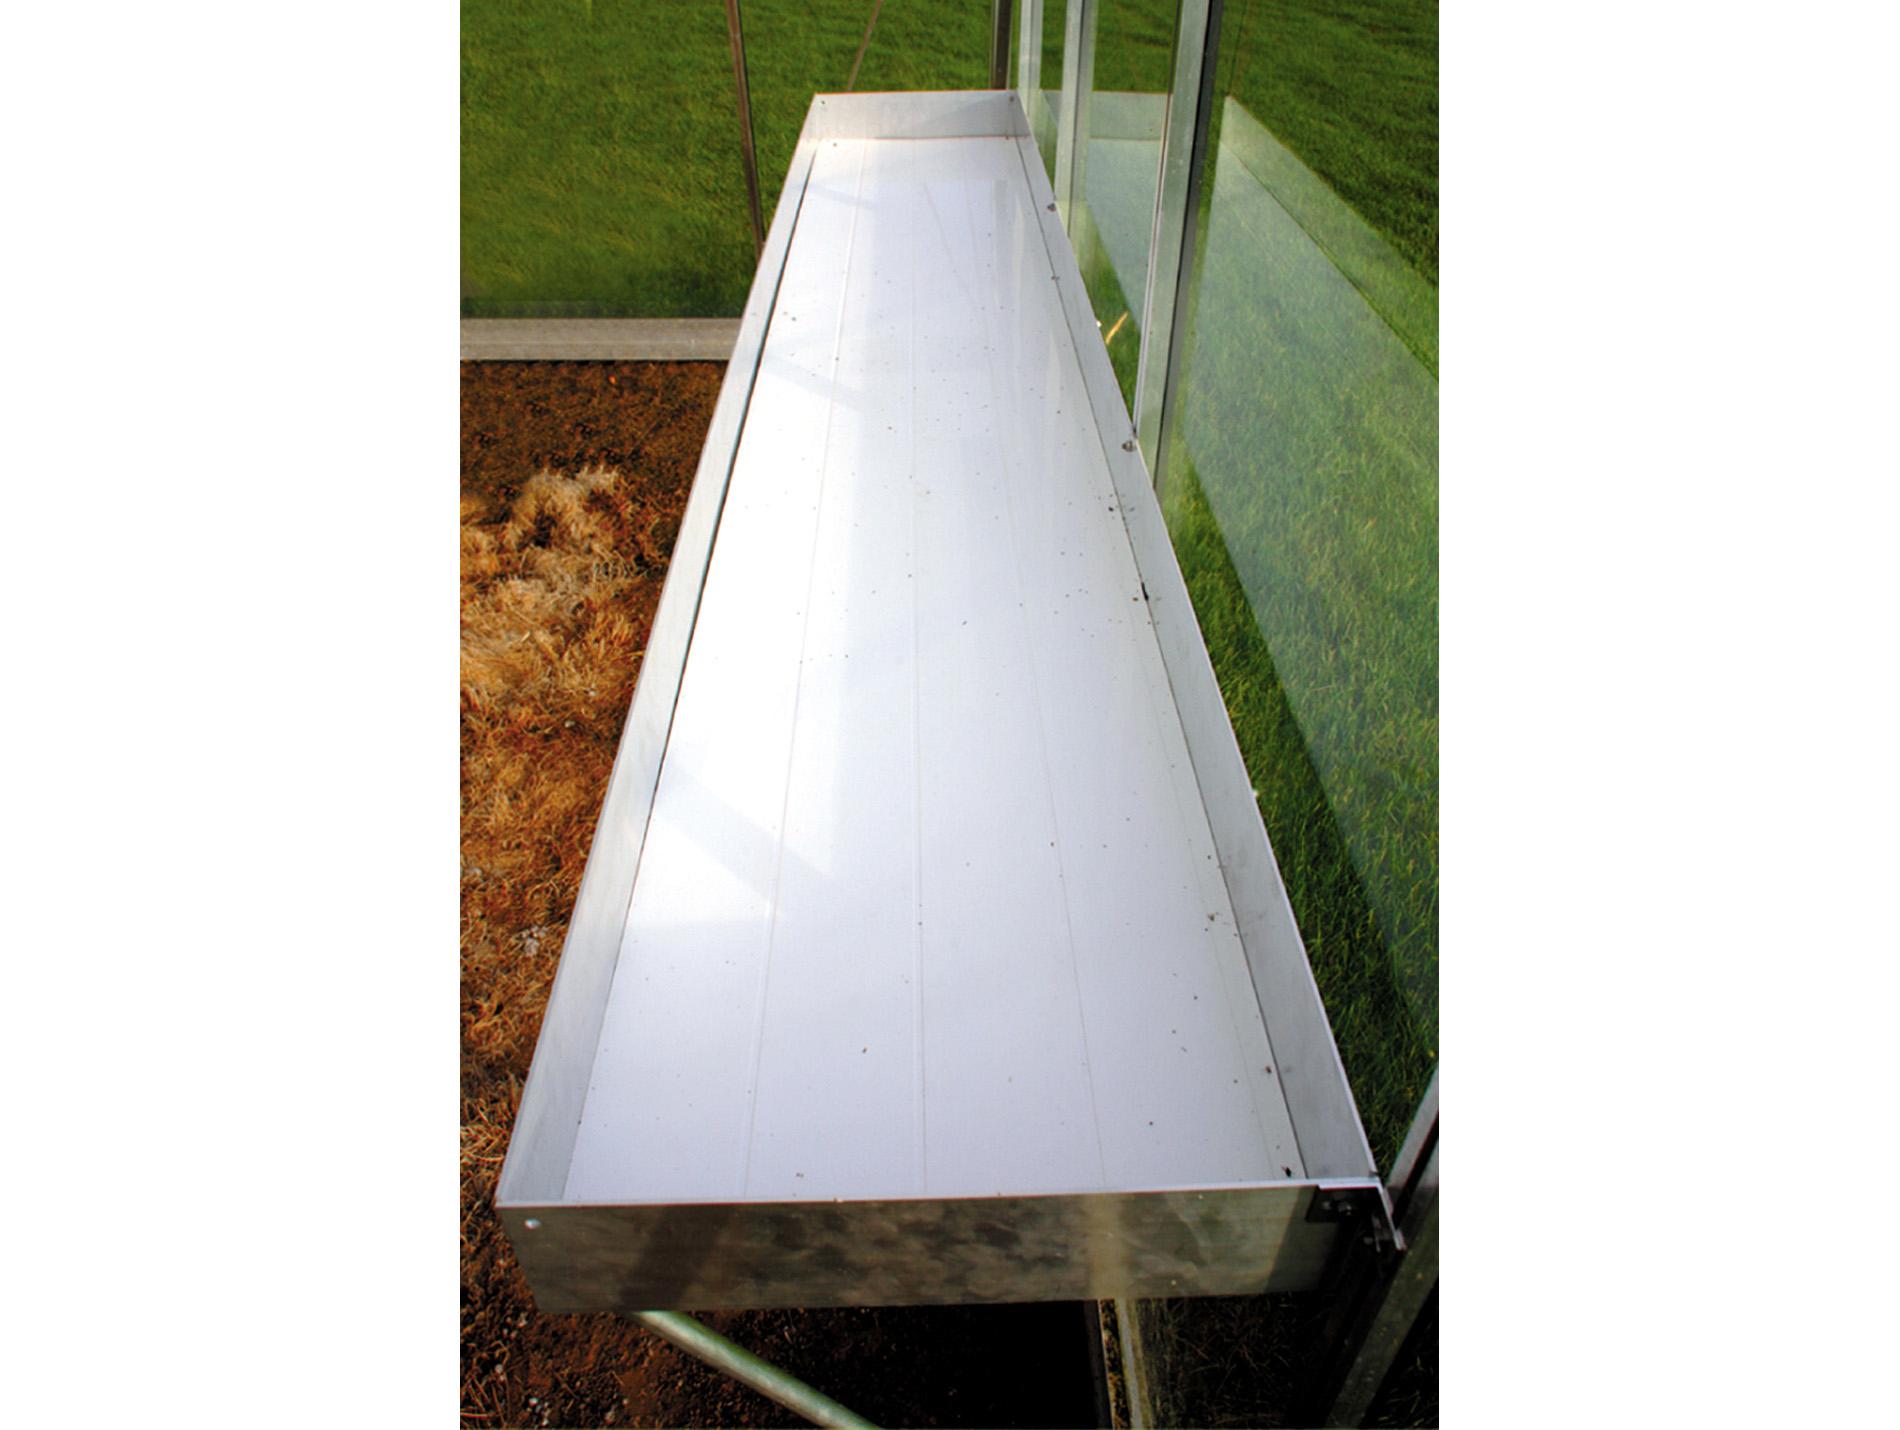 table pour plantes 217x42cm acd prestige laqu. Black Bedroom Furniture Sets. Home Design Ideas